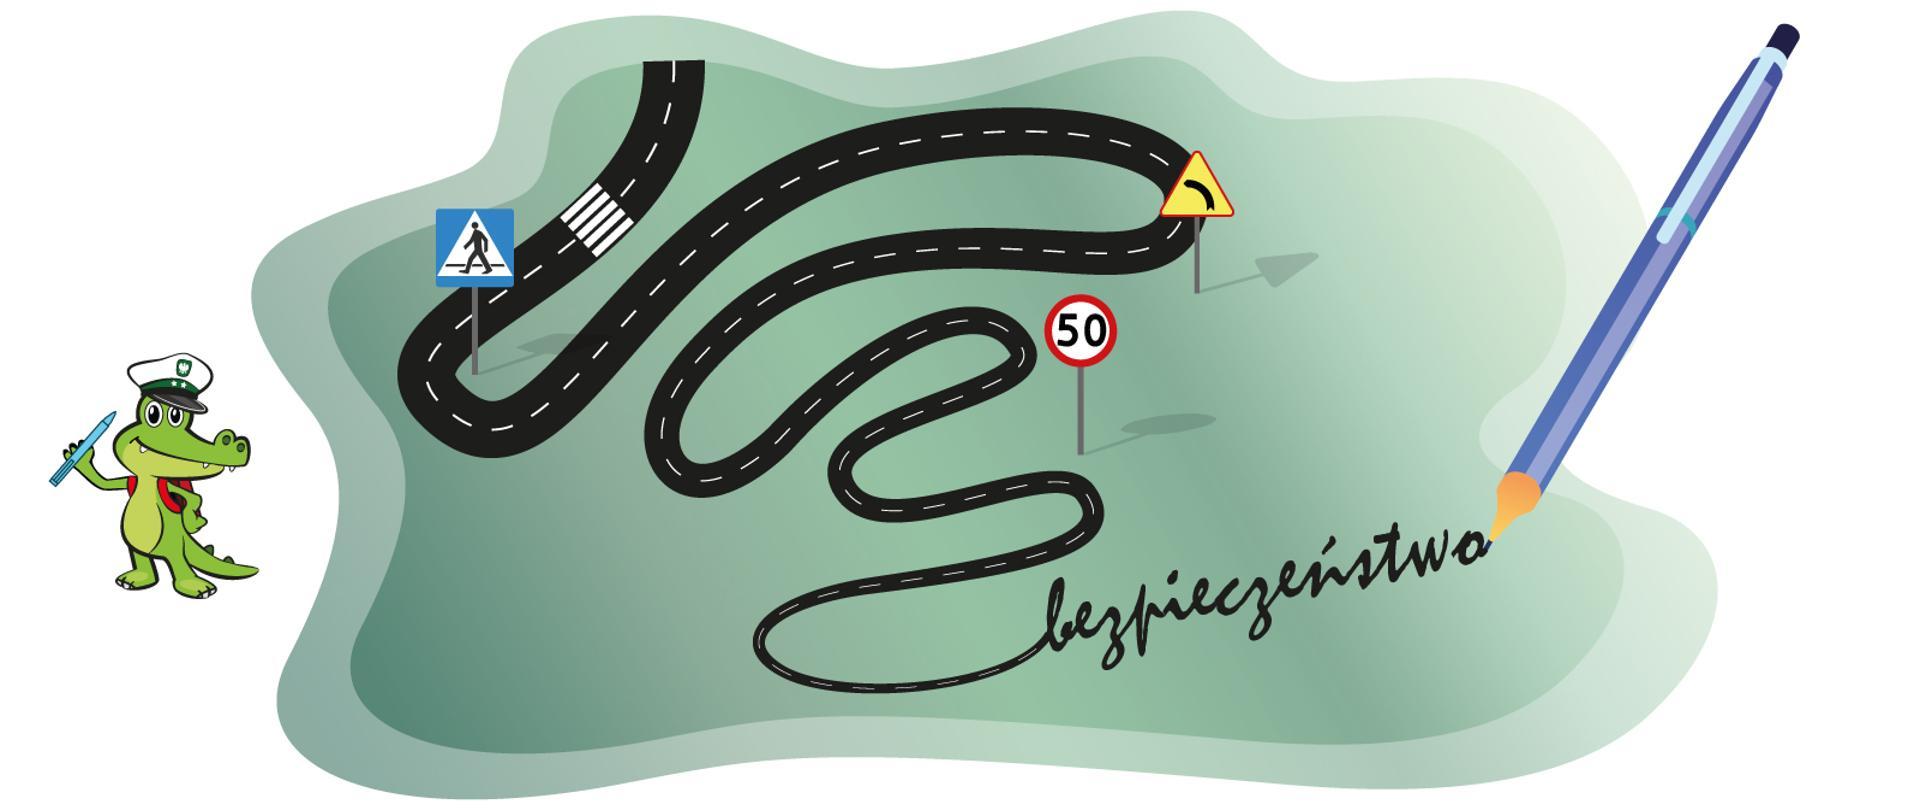 Po lewej stronie krokodylek Tirek - maskotka Głównej Inspekcji Transportu Drogowego. W środku szara grafika w kształcie chmury przedstawiająca czarną jezdnię ze znakami drogowymi. Na końcu jezdni znajduje się długopis i napis bezpieczeństwo